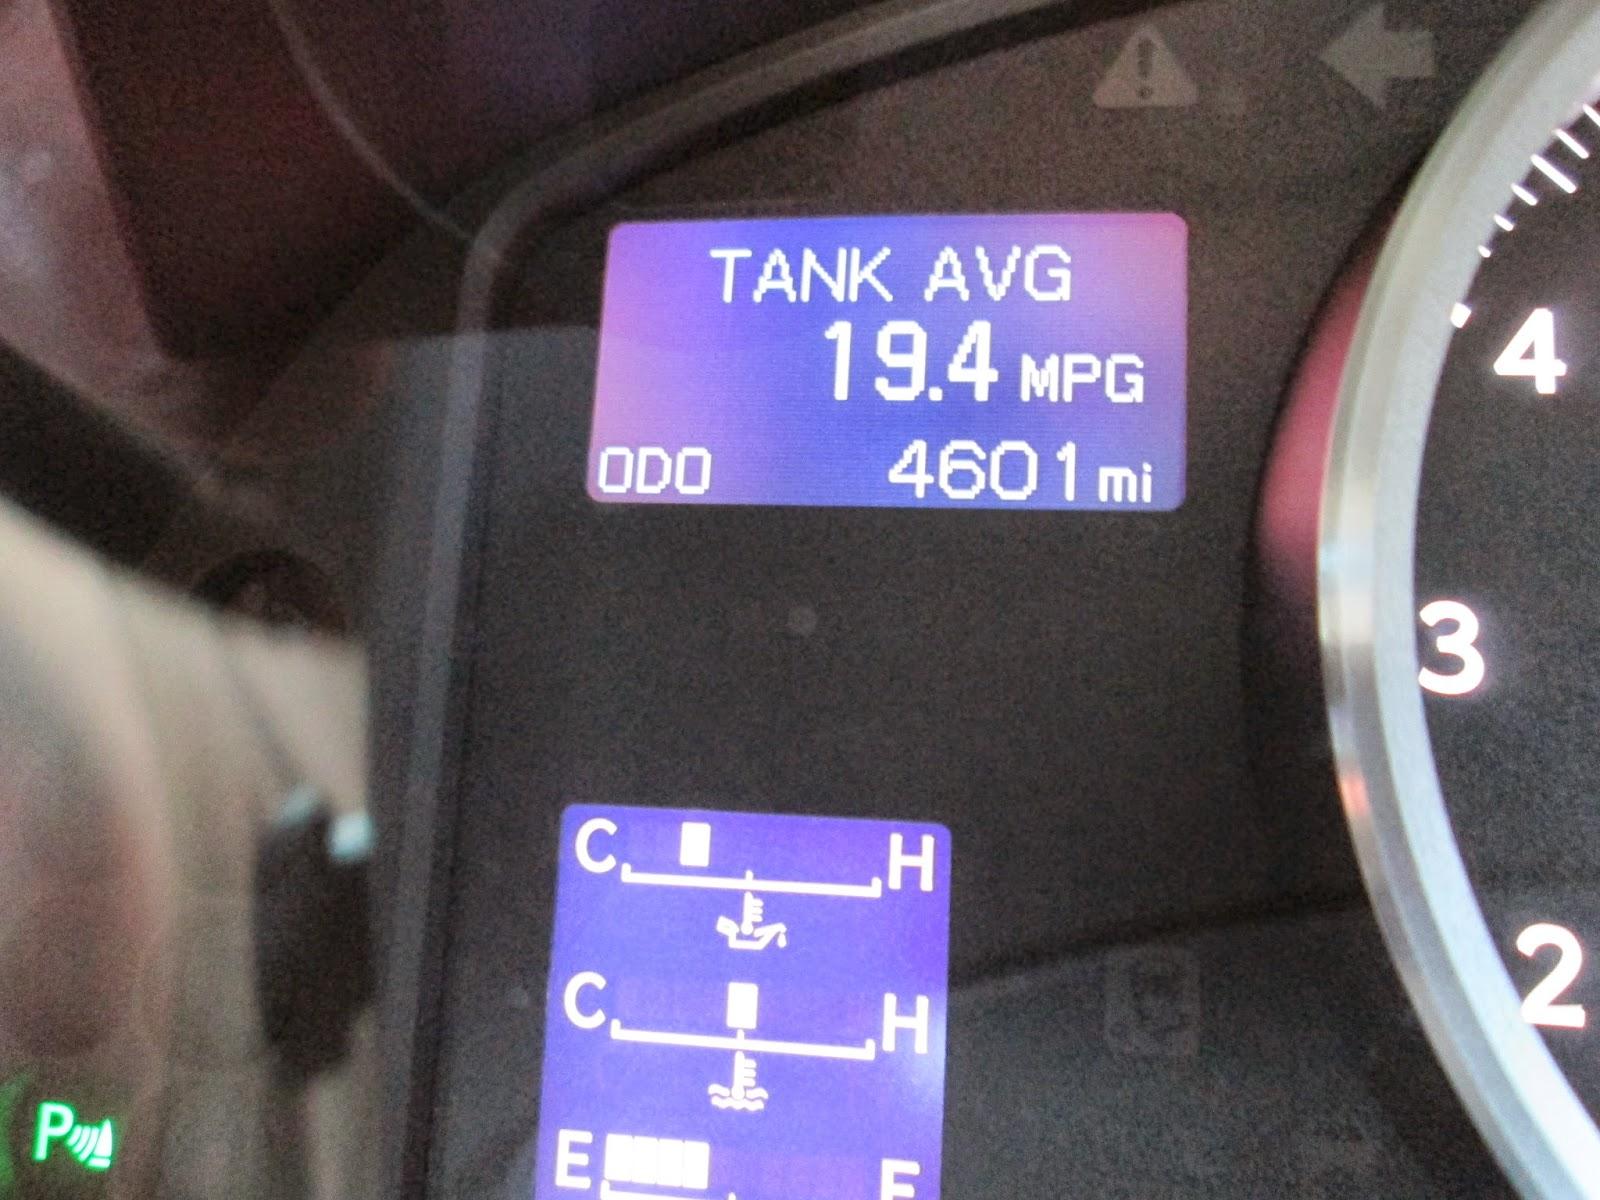 2014 Lexus IS-F fuel economy reading